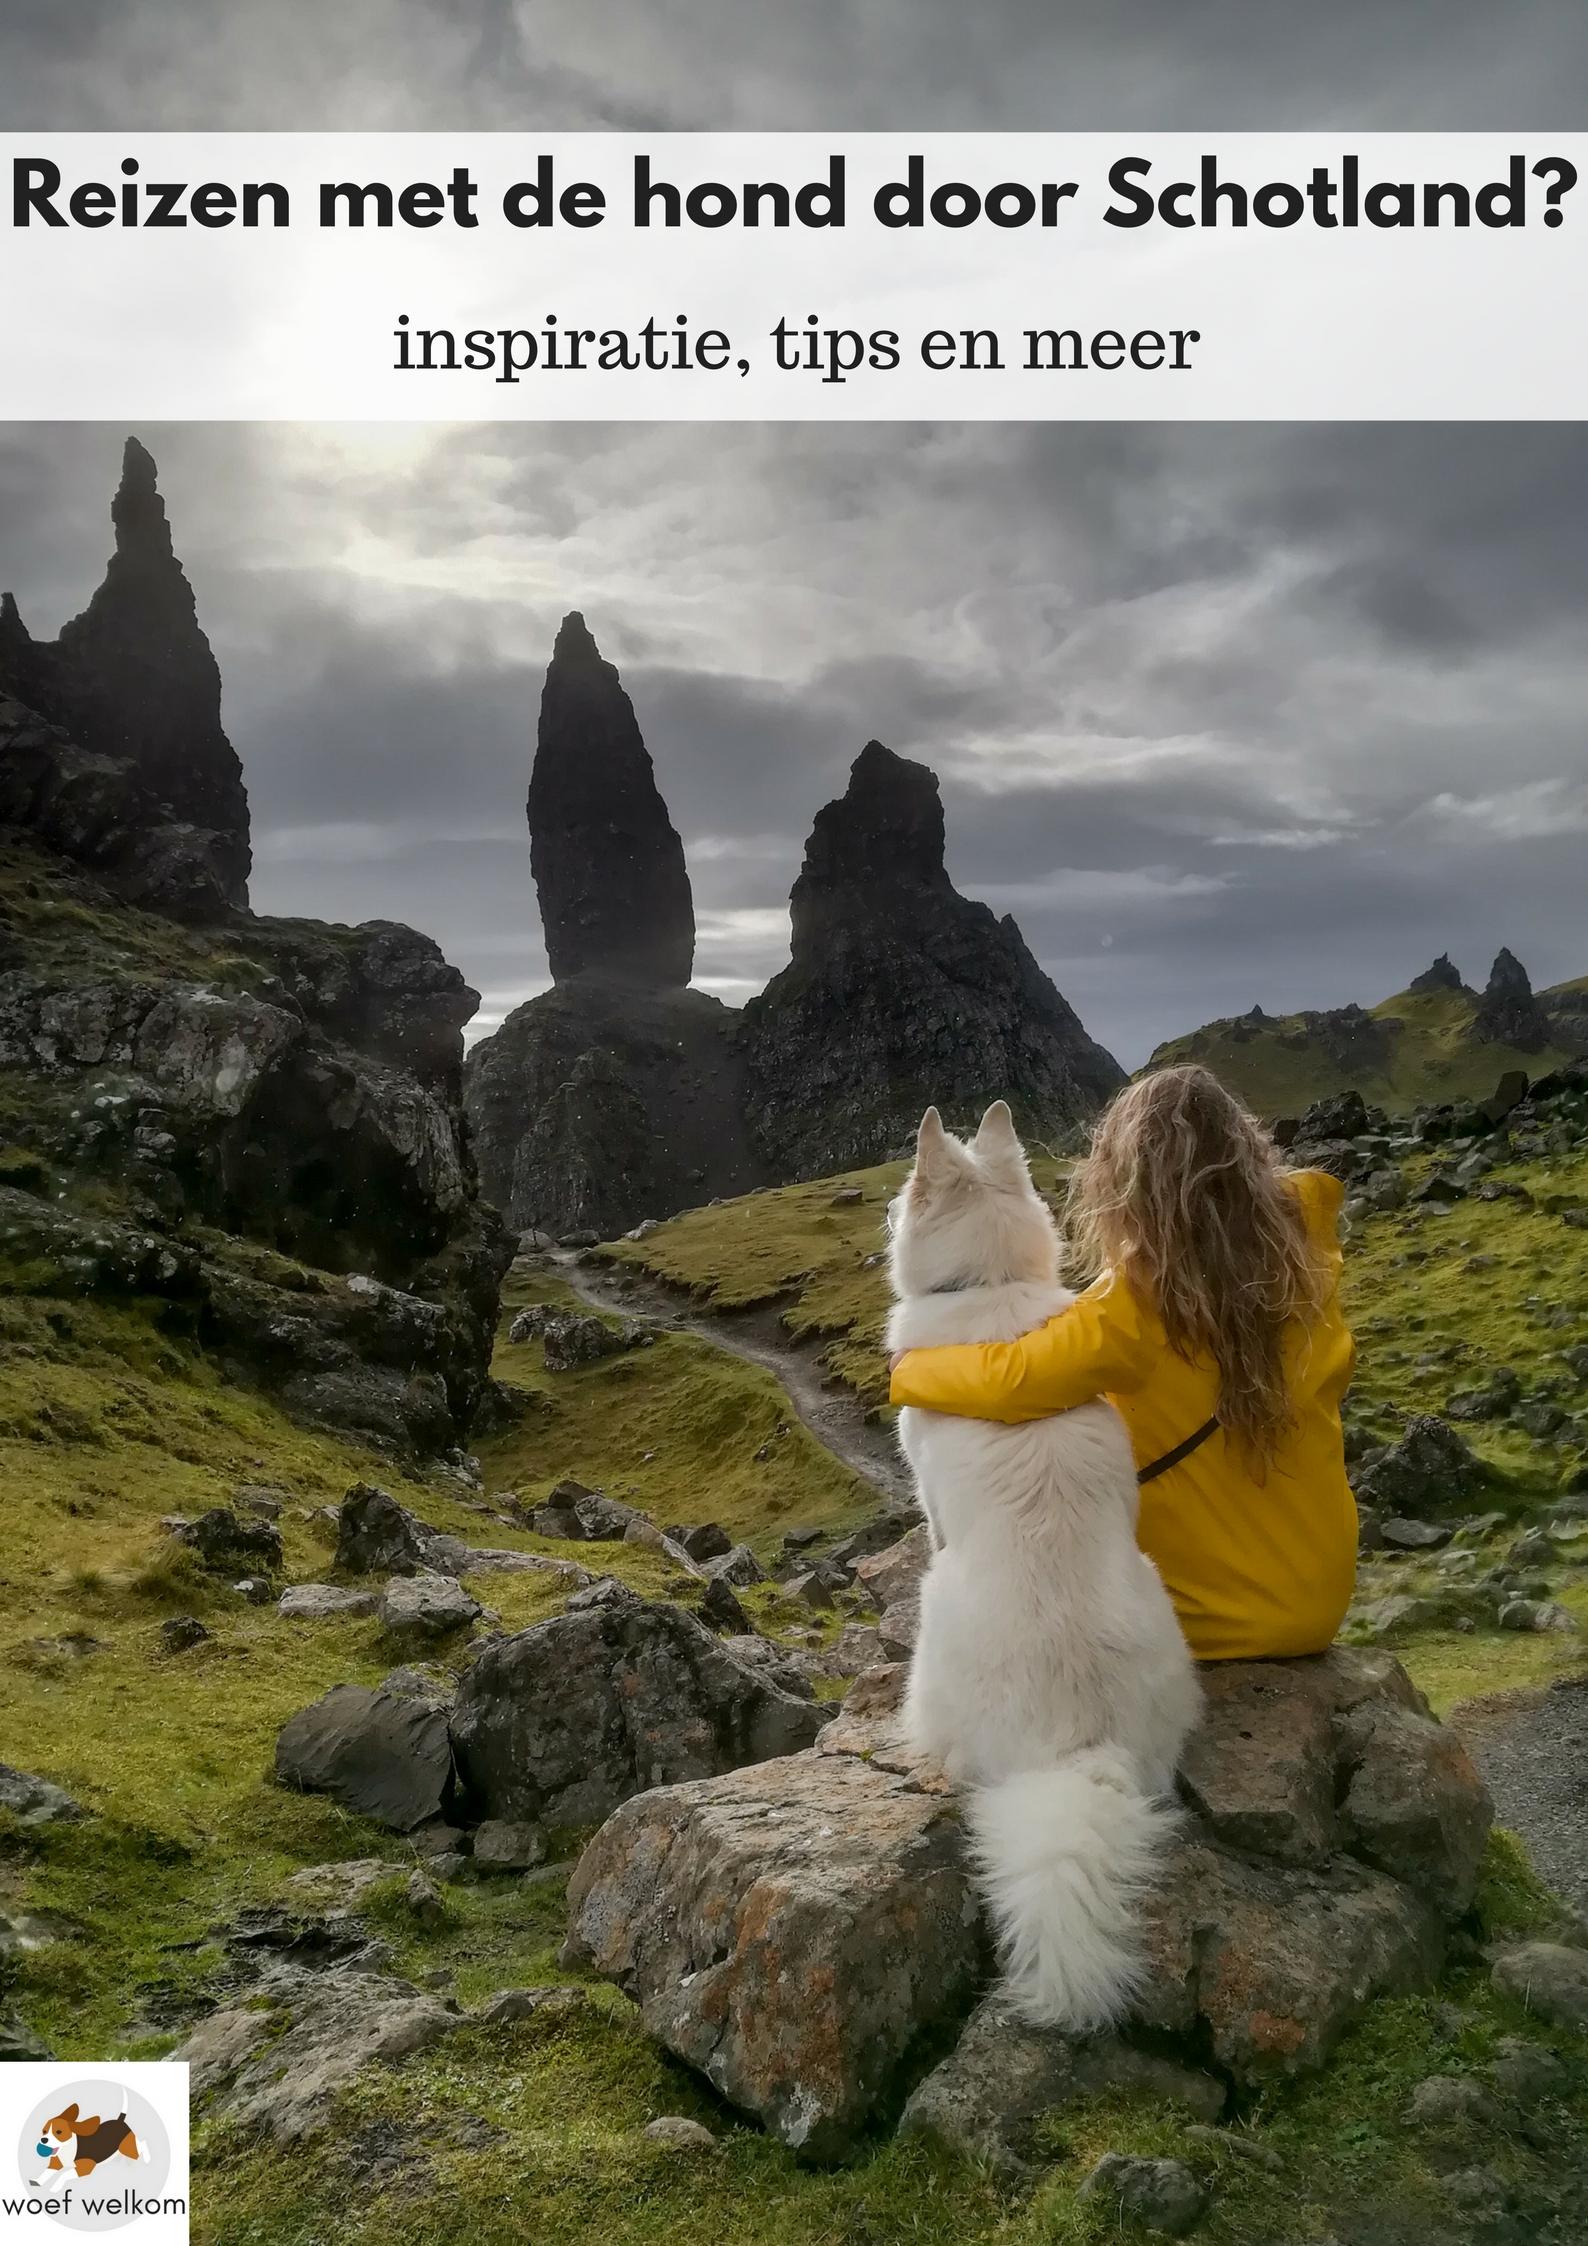 Reizen met de hond door Schotland? Inspiratie, tips en meer op Woef Welkom